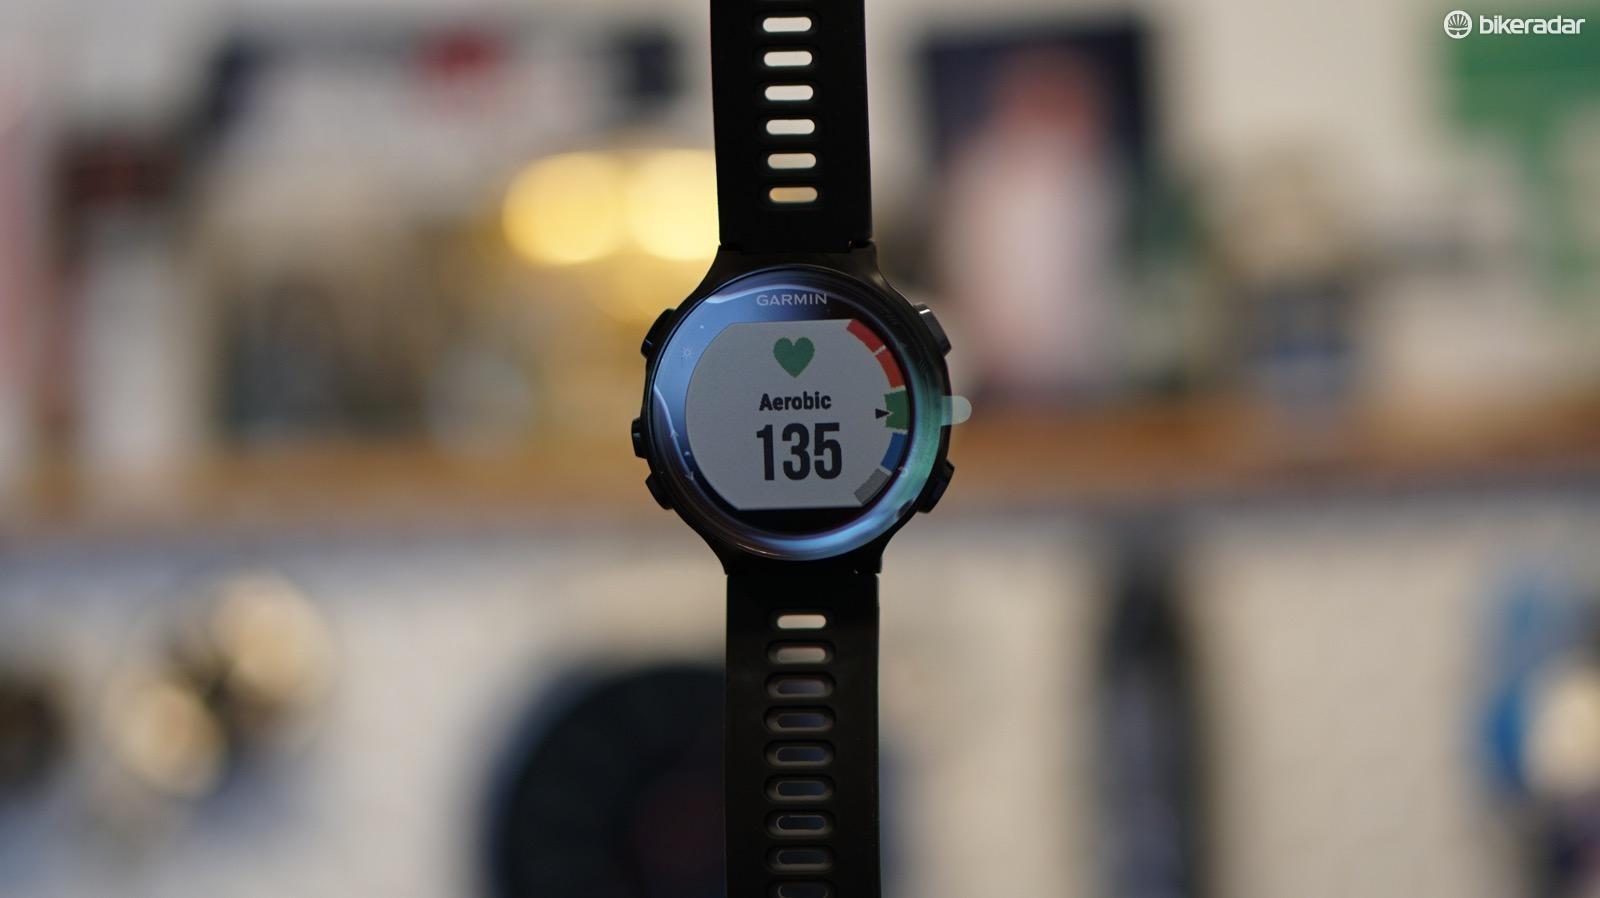 The Garmin Forerunner 735XT is the latest multisport wonder-watch